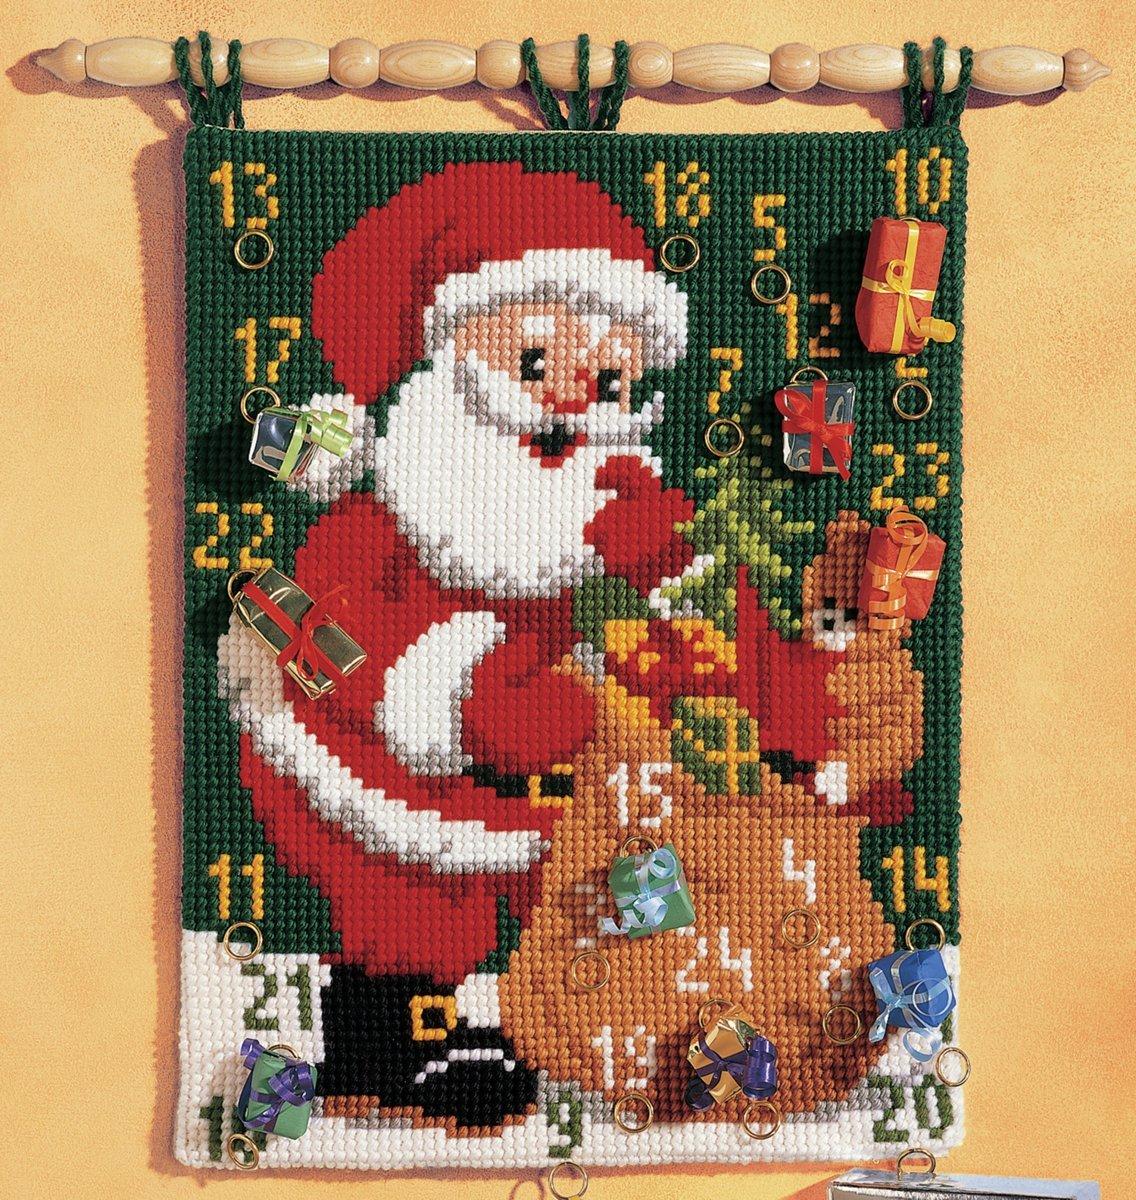 Calendario de adviento de Punto de Cruz dise/ño de Pap/á Noel 40 x 53 cm Vervaco